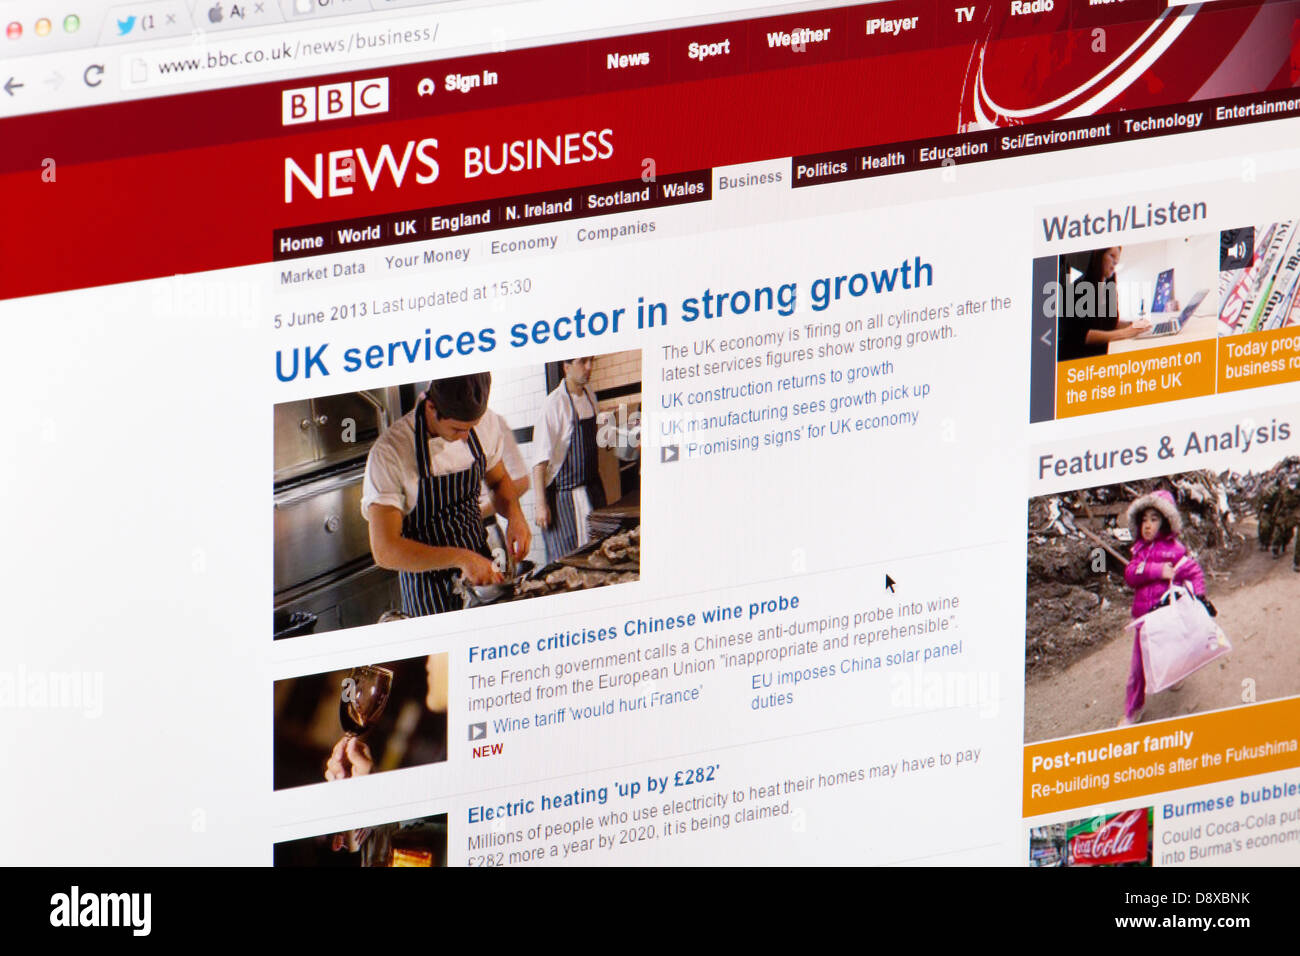 BBC-News-Business-Seiten-Website oder Web-Seite auf einem Laptop ...